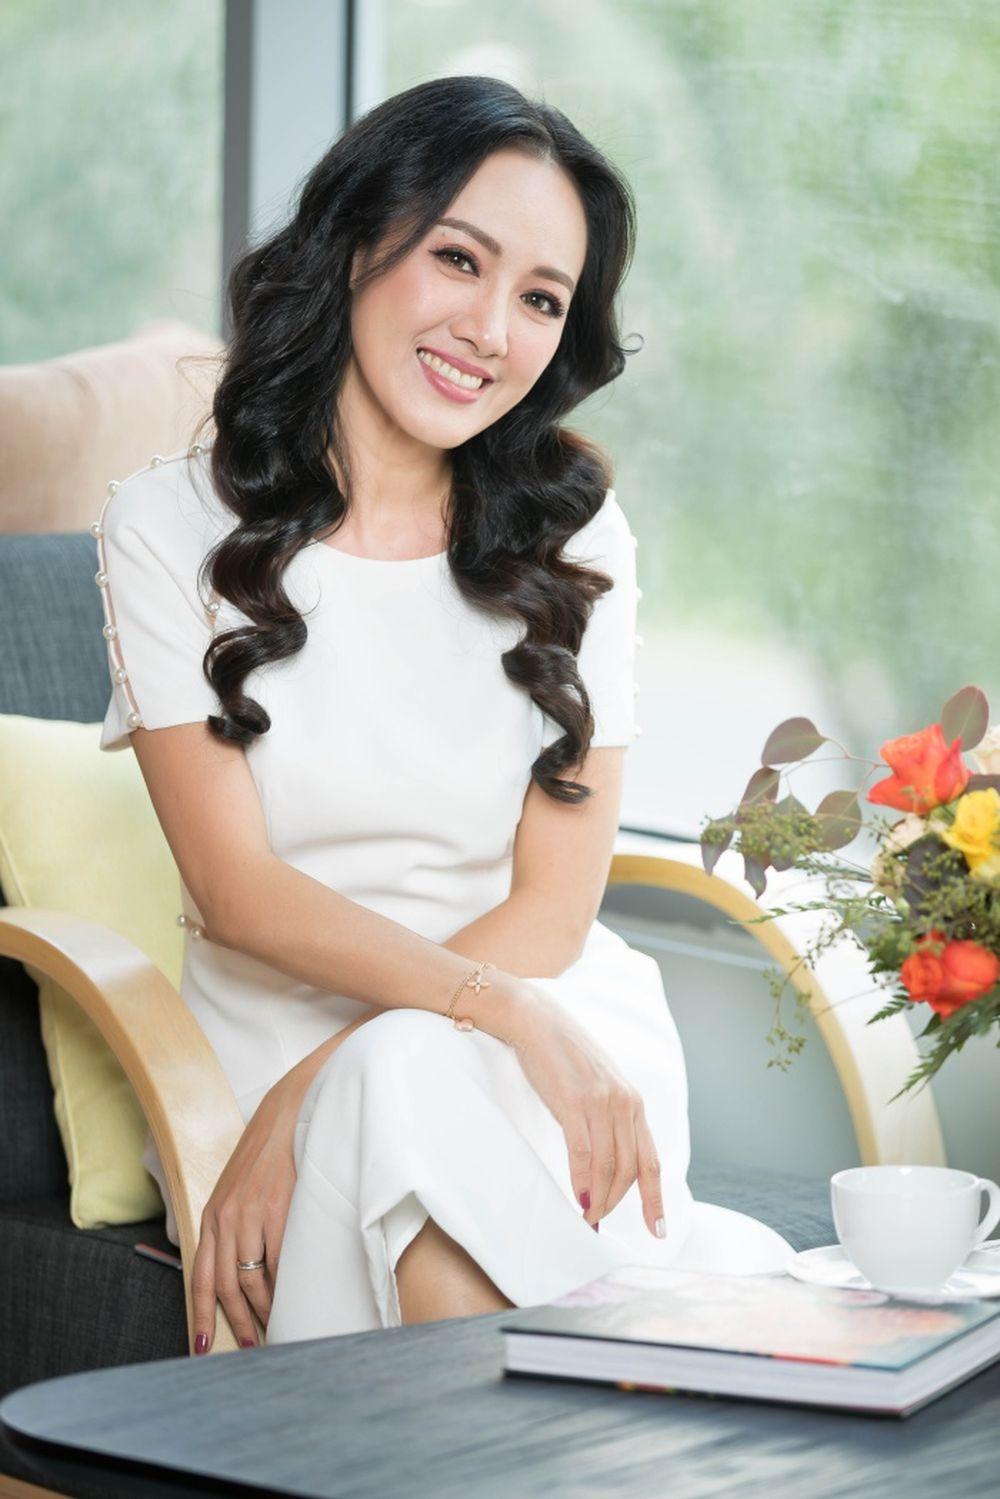 Bất ngờ với hình ảnh sexy của BTV Hoài Anh - Báo VTC News